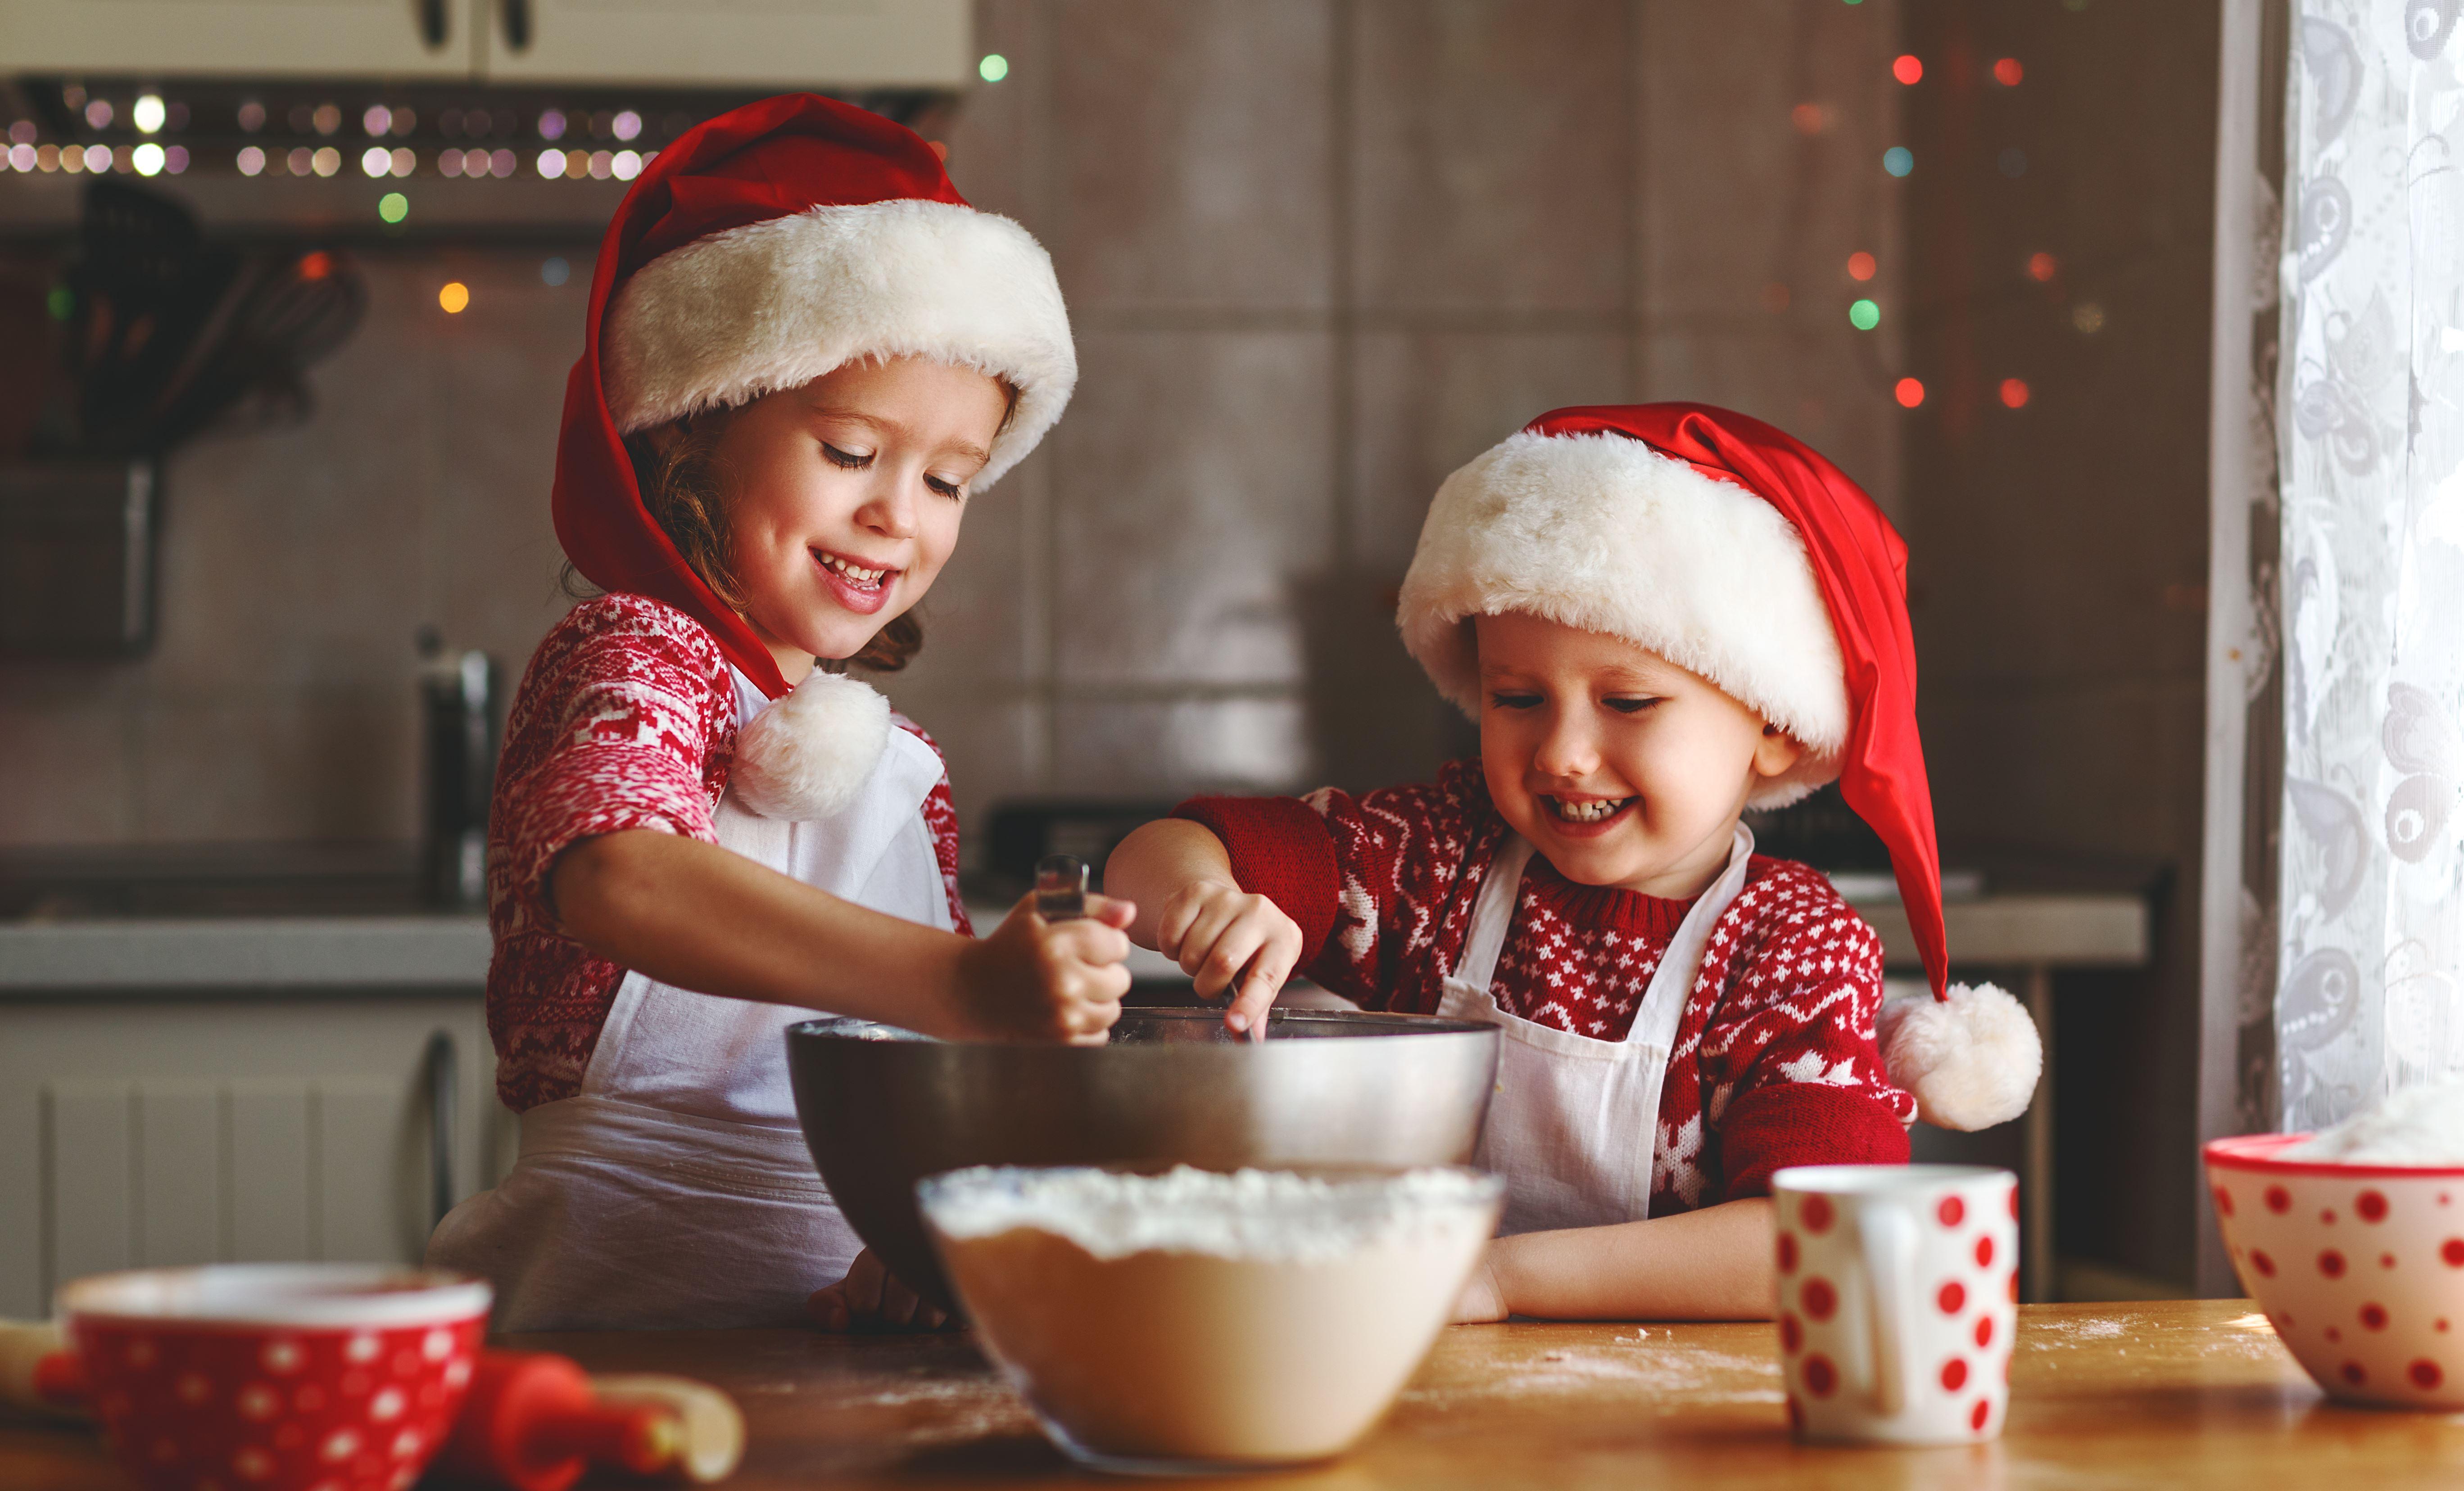 Natal FNAC: E se este ano fossem os miúdos a preparar a Ceia de Natal?